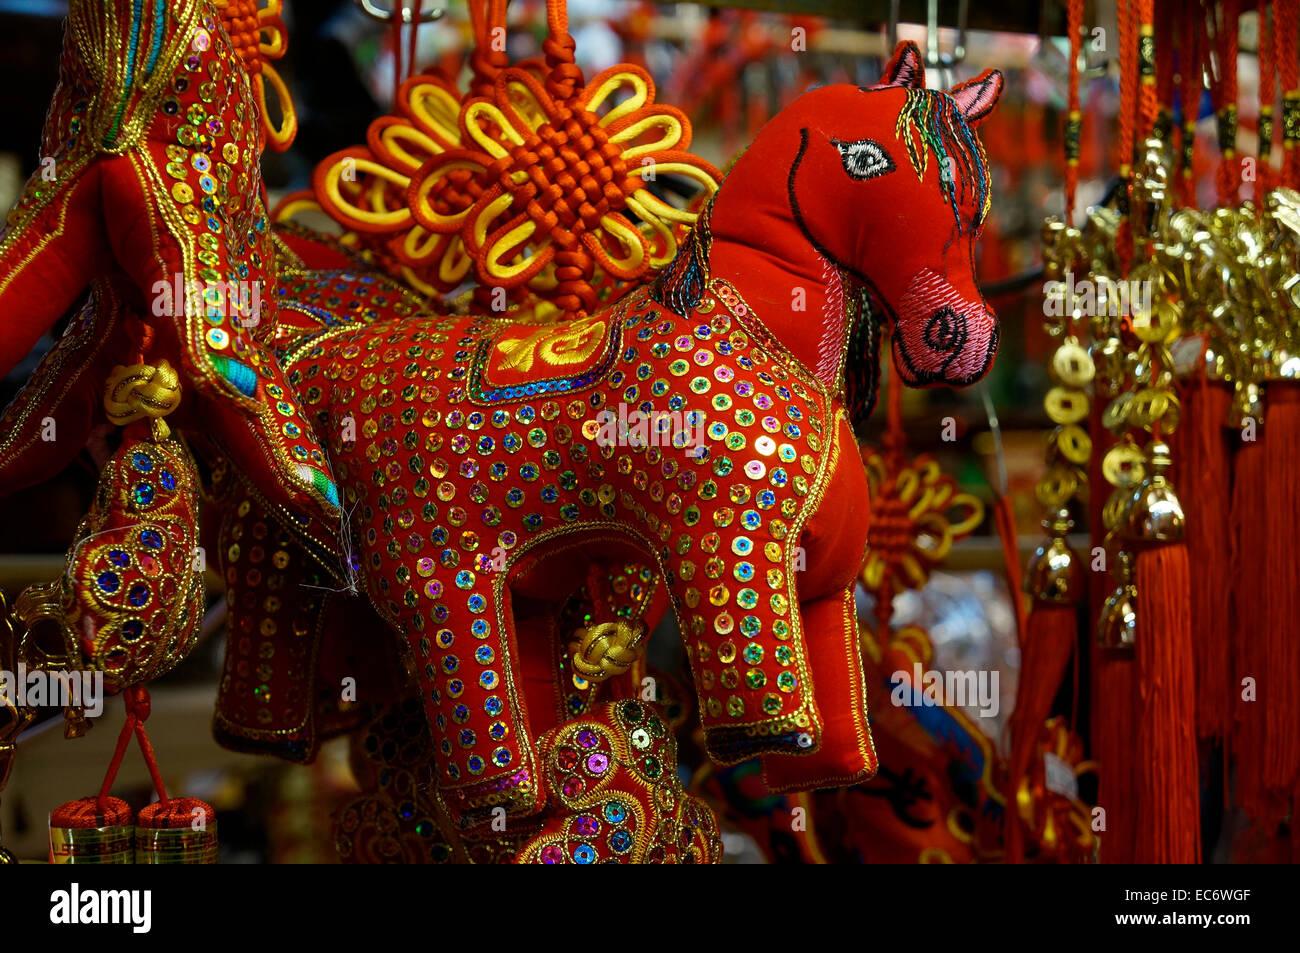 Chinois brodé année du cheval 2014 décoration tissu peluche, Vancouver, BC, Canada Photo Stock